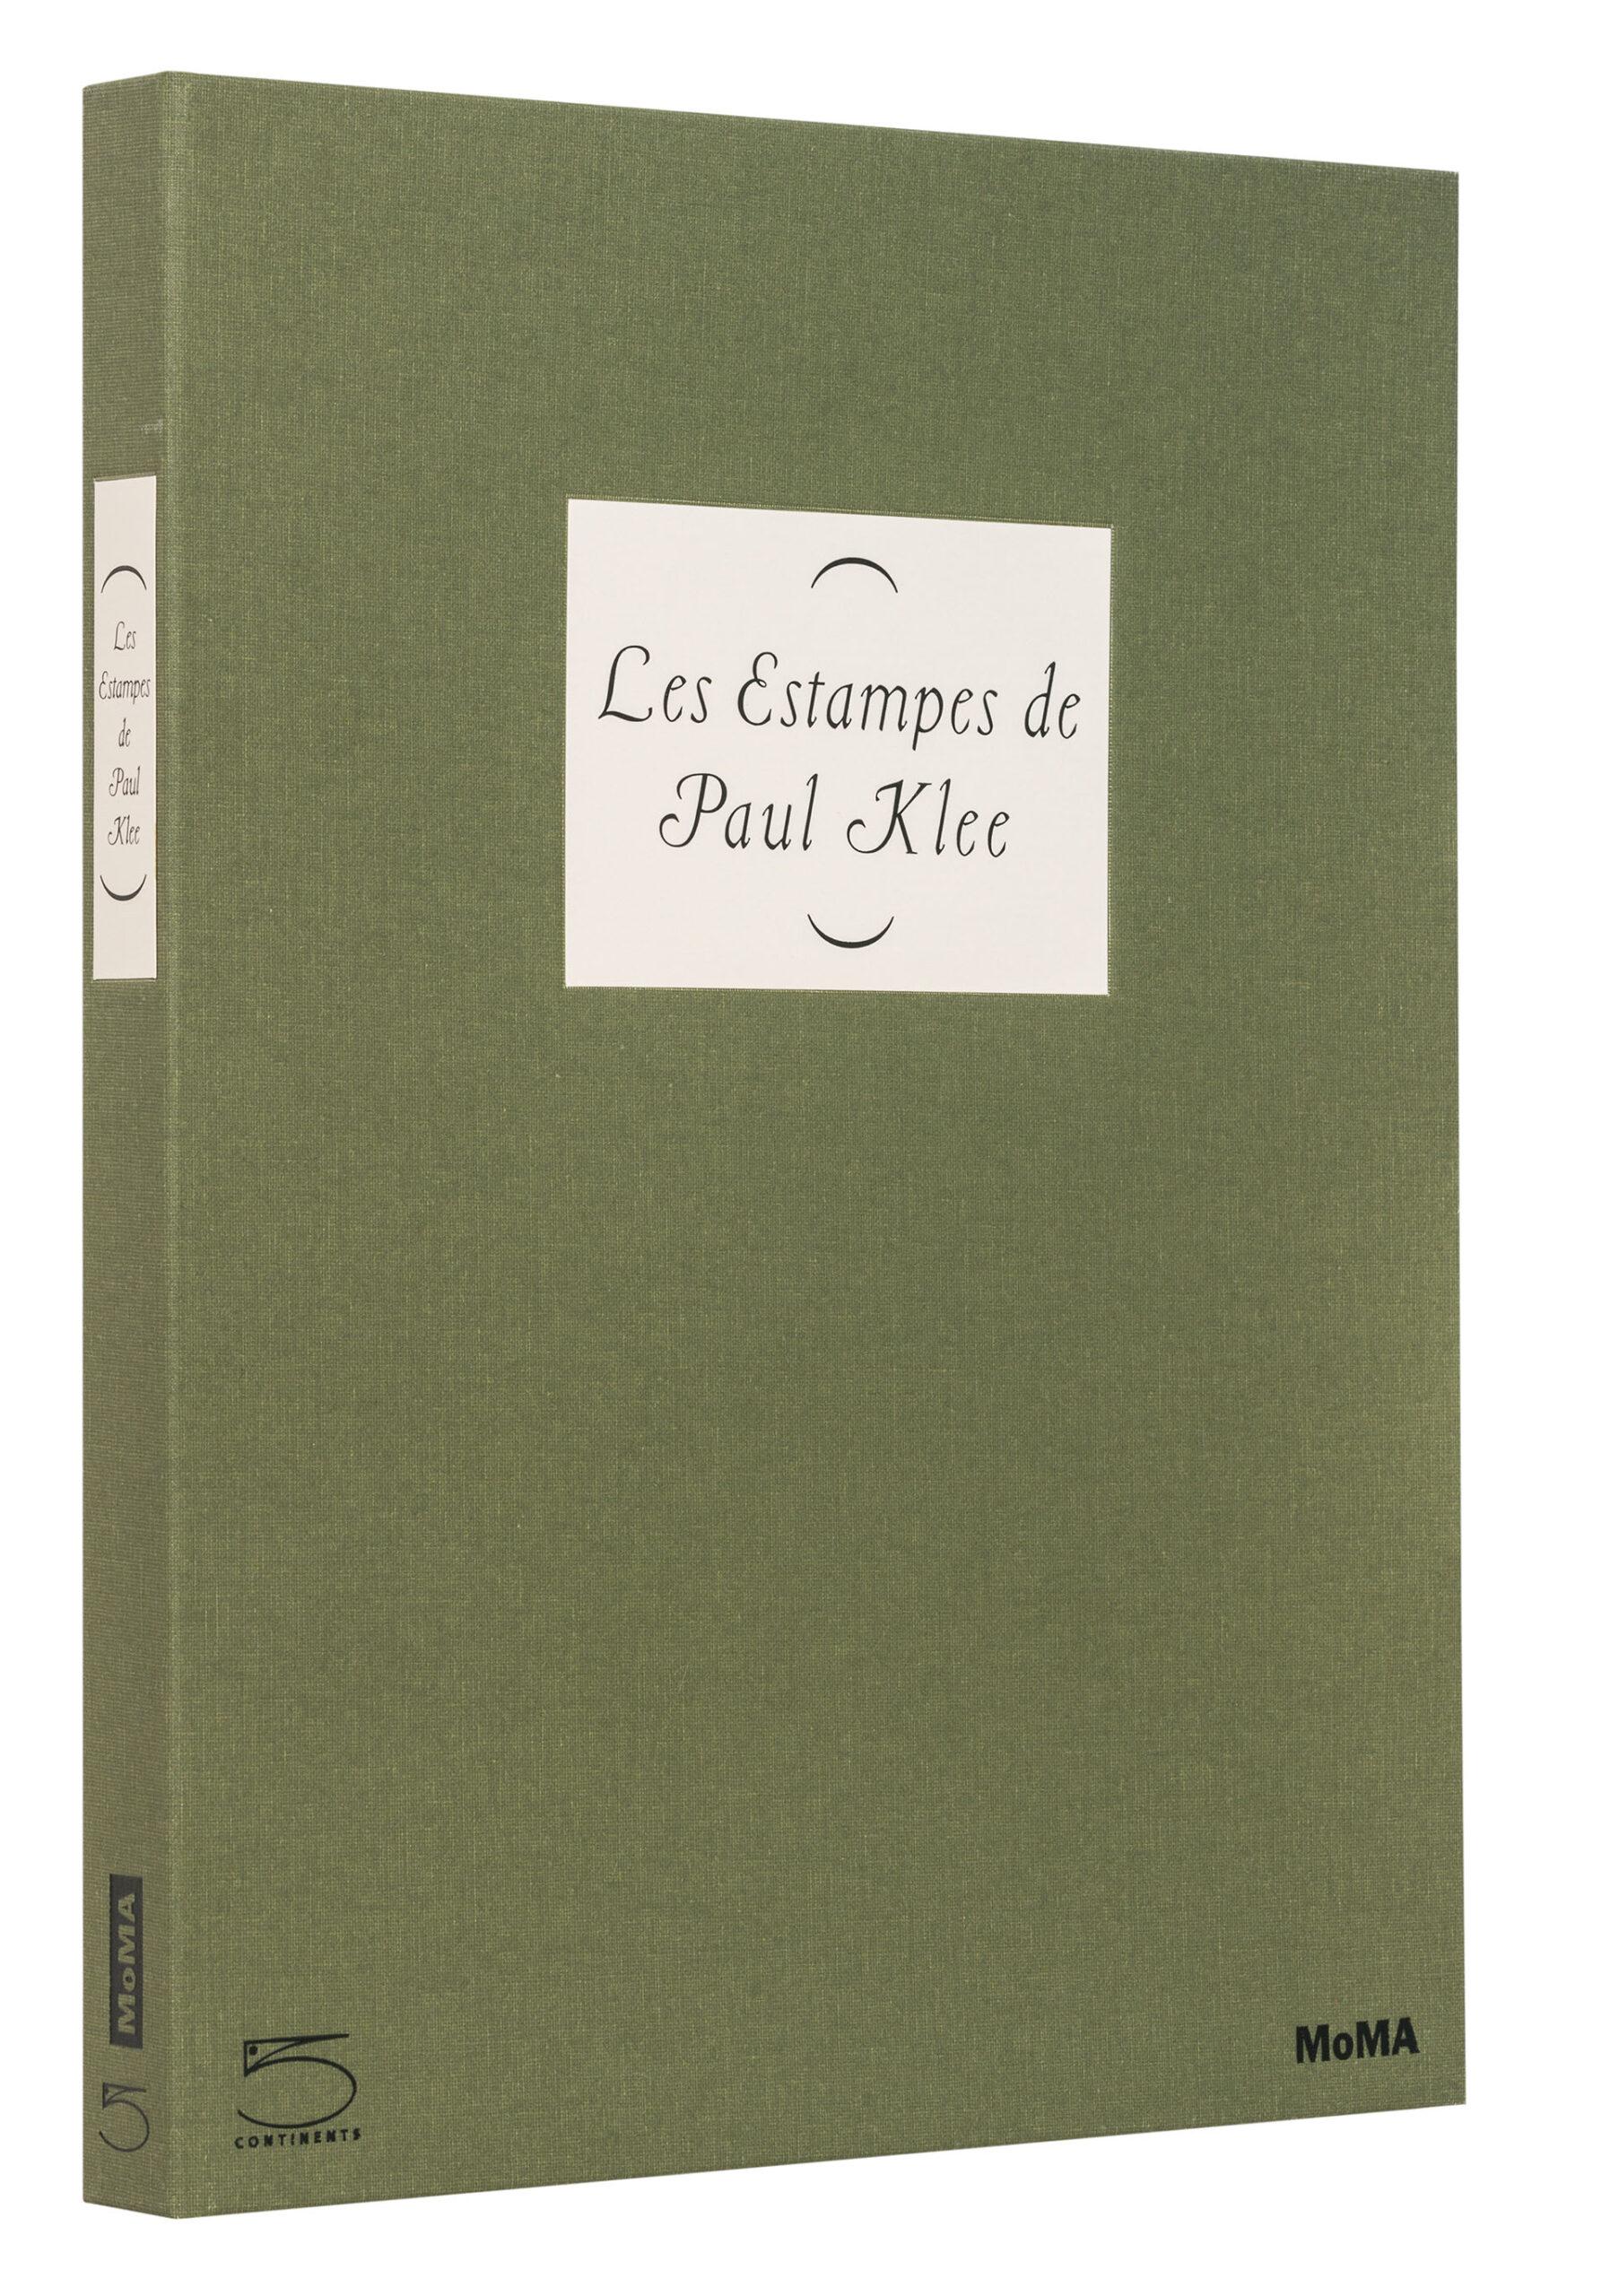 Les estampes de Paul Klee